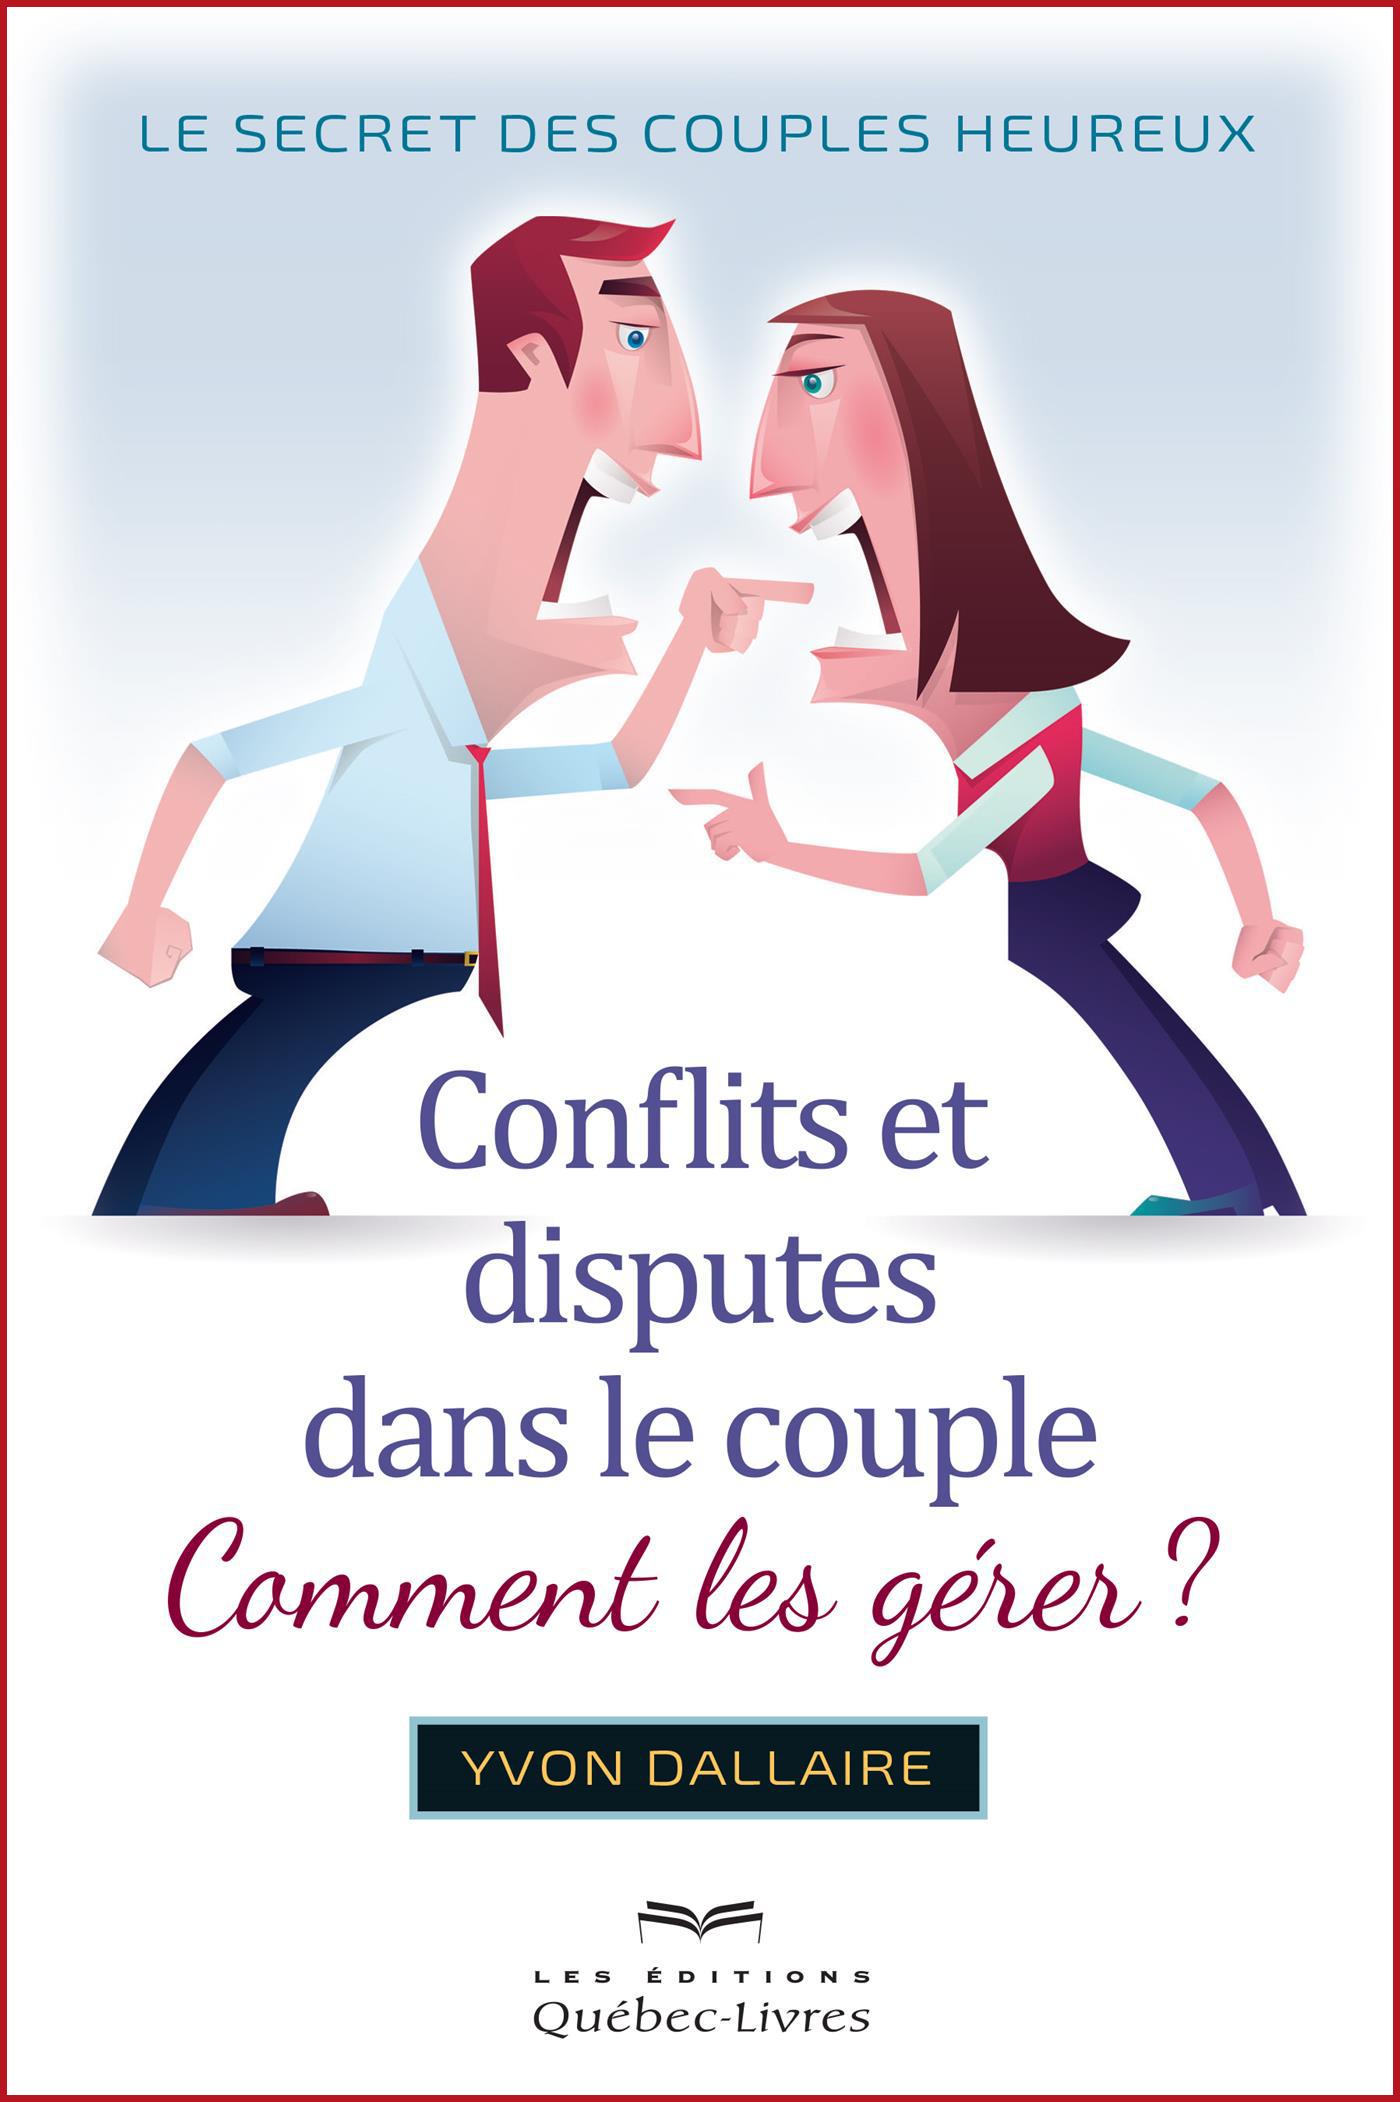 conflits et disputes dans les couples comment les gerer yvon dallaire livre en duel ou en duo valerie sentenne intello stephane lecault artiste couple